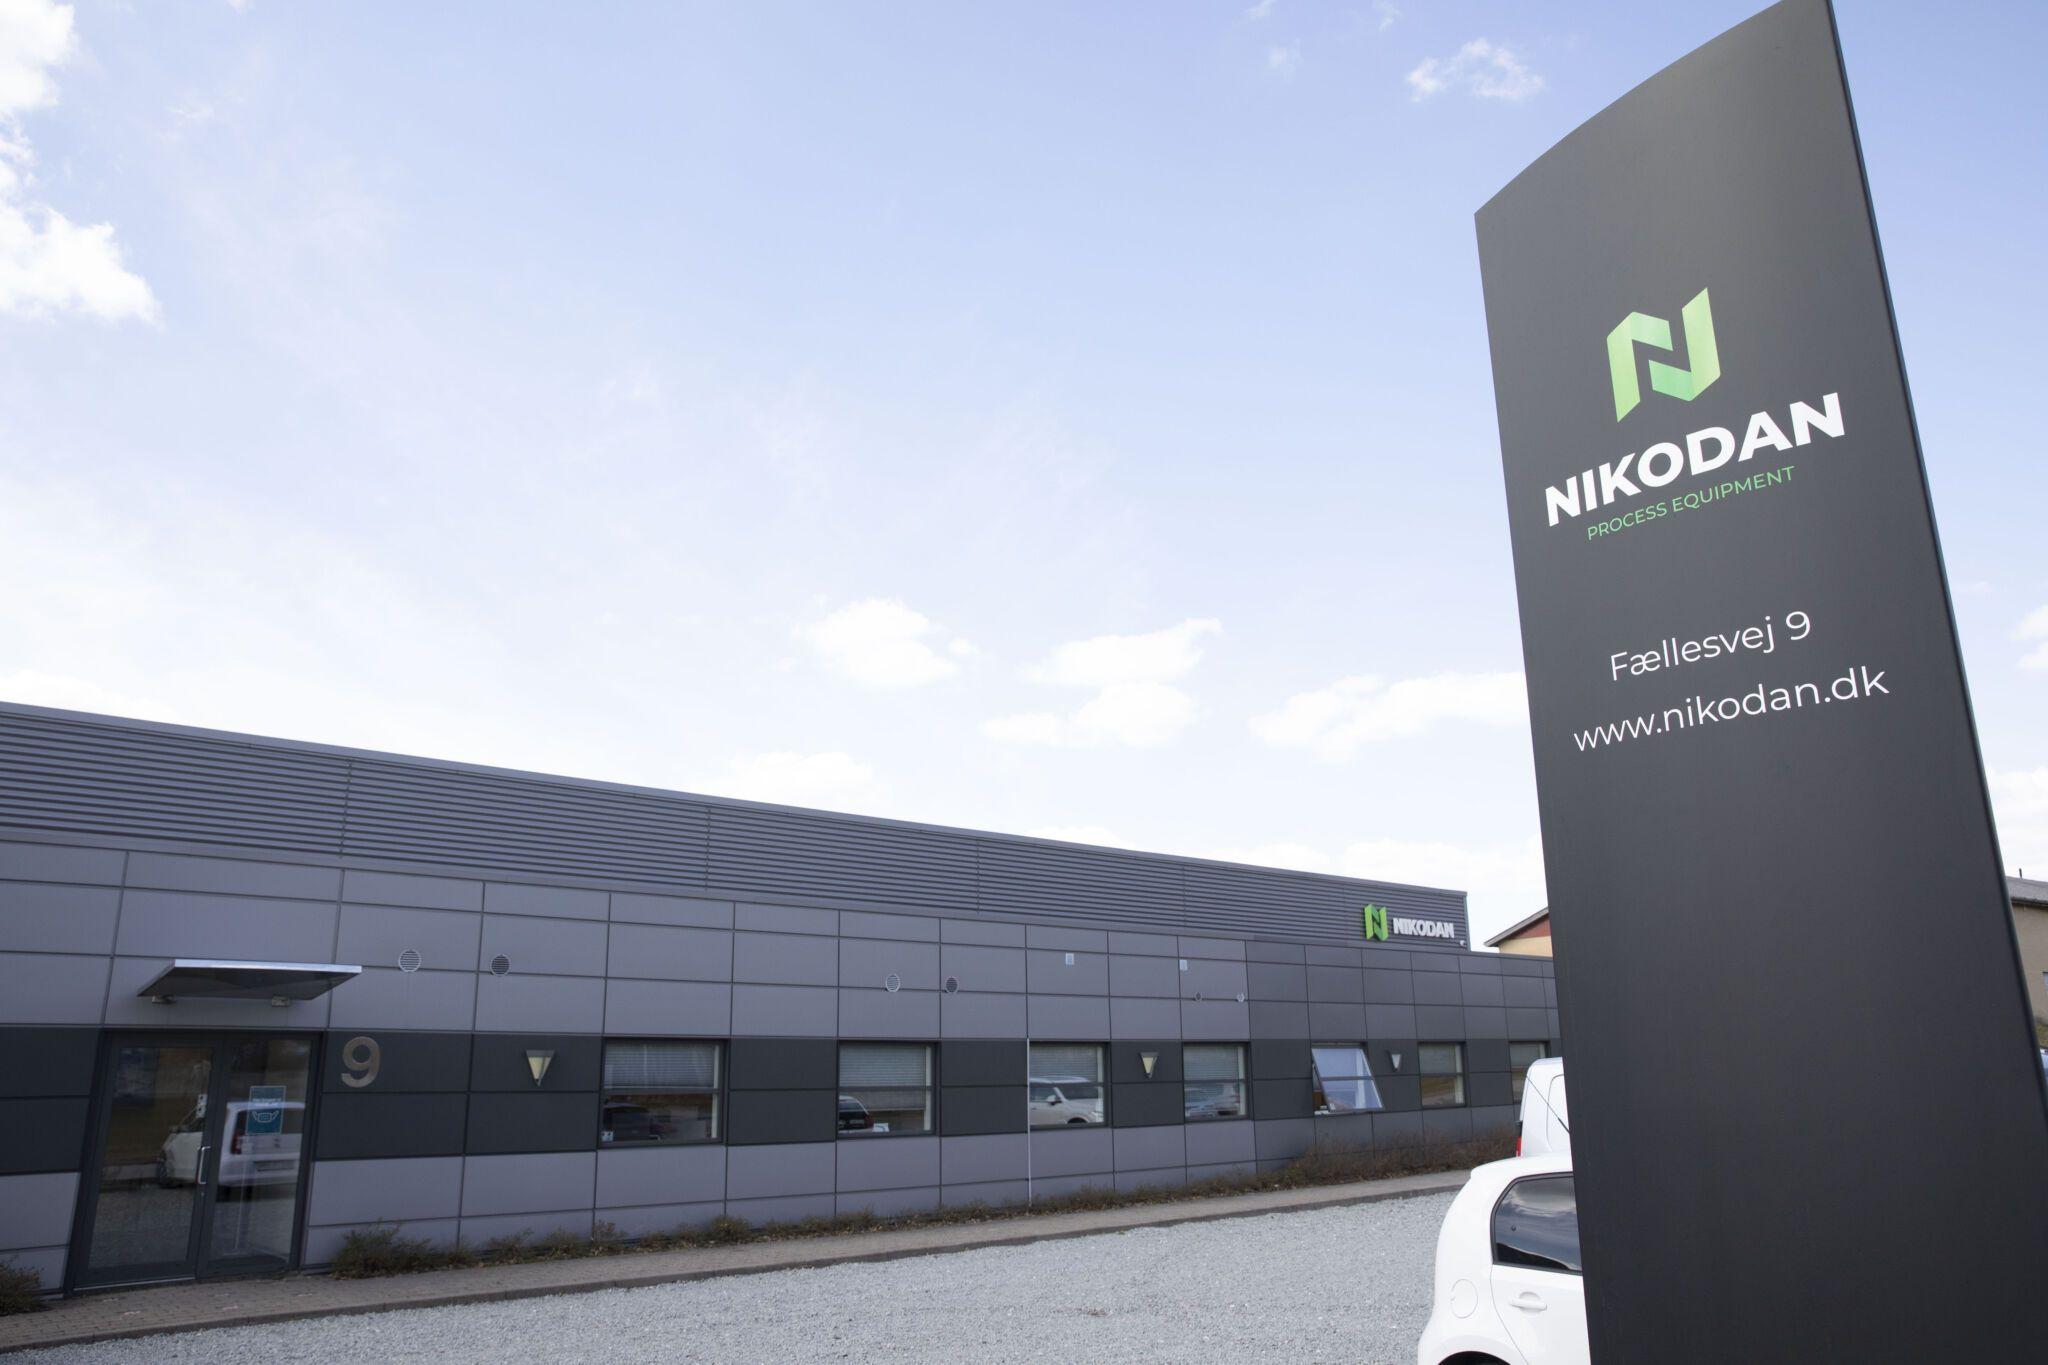 NIKODAN building and sign